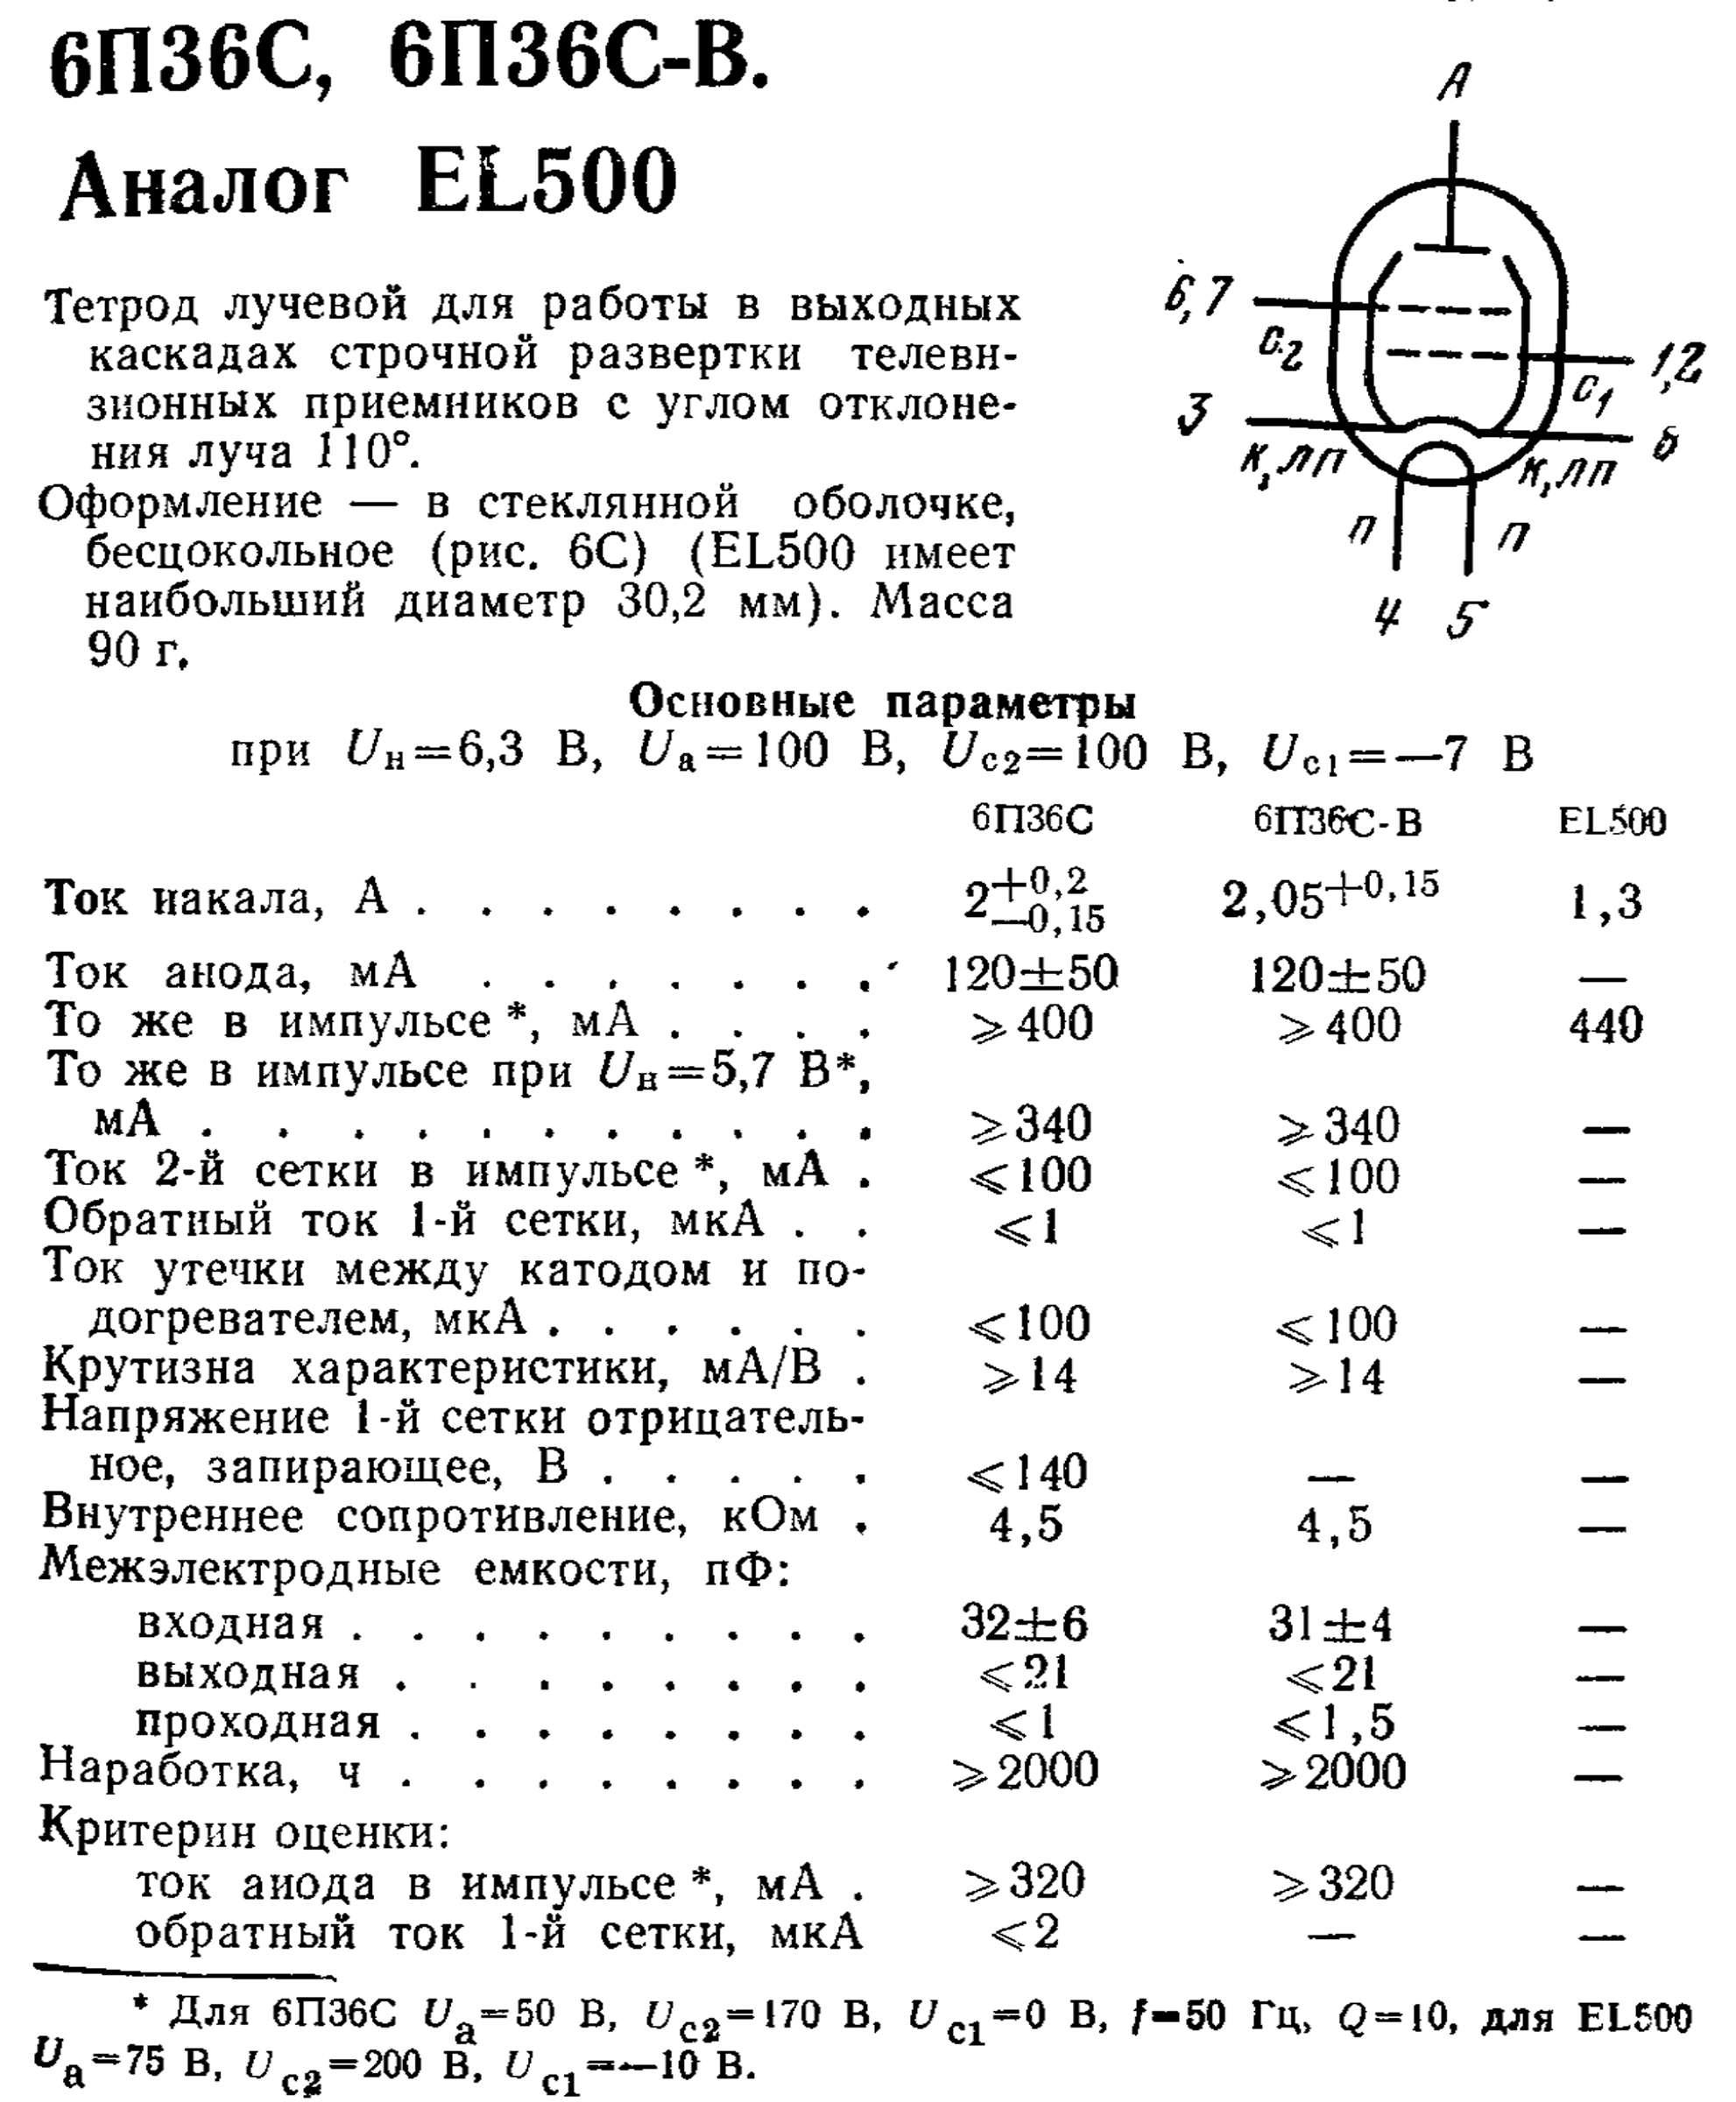 Параметры радиоламп 6П36С, 6П36С-В, EL500